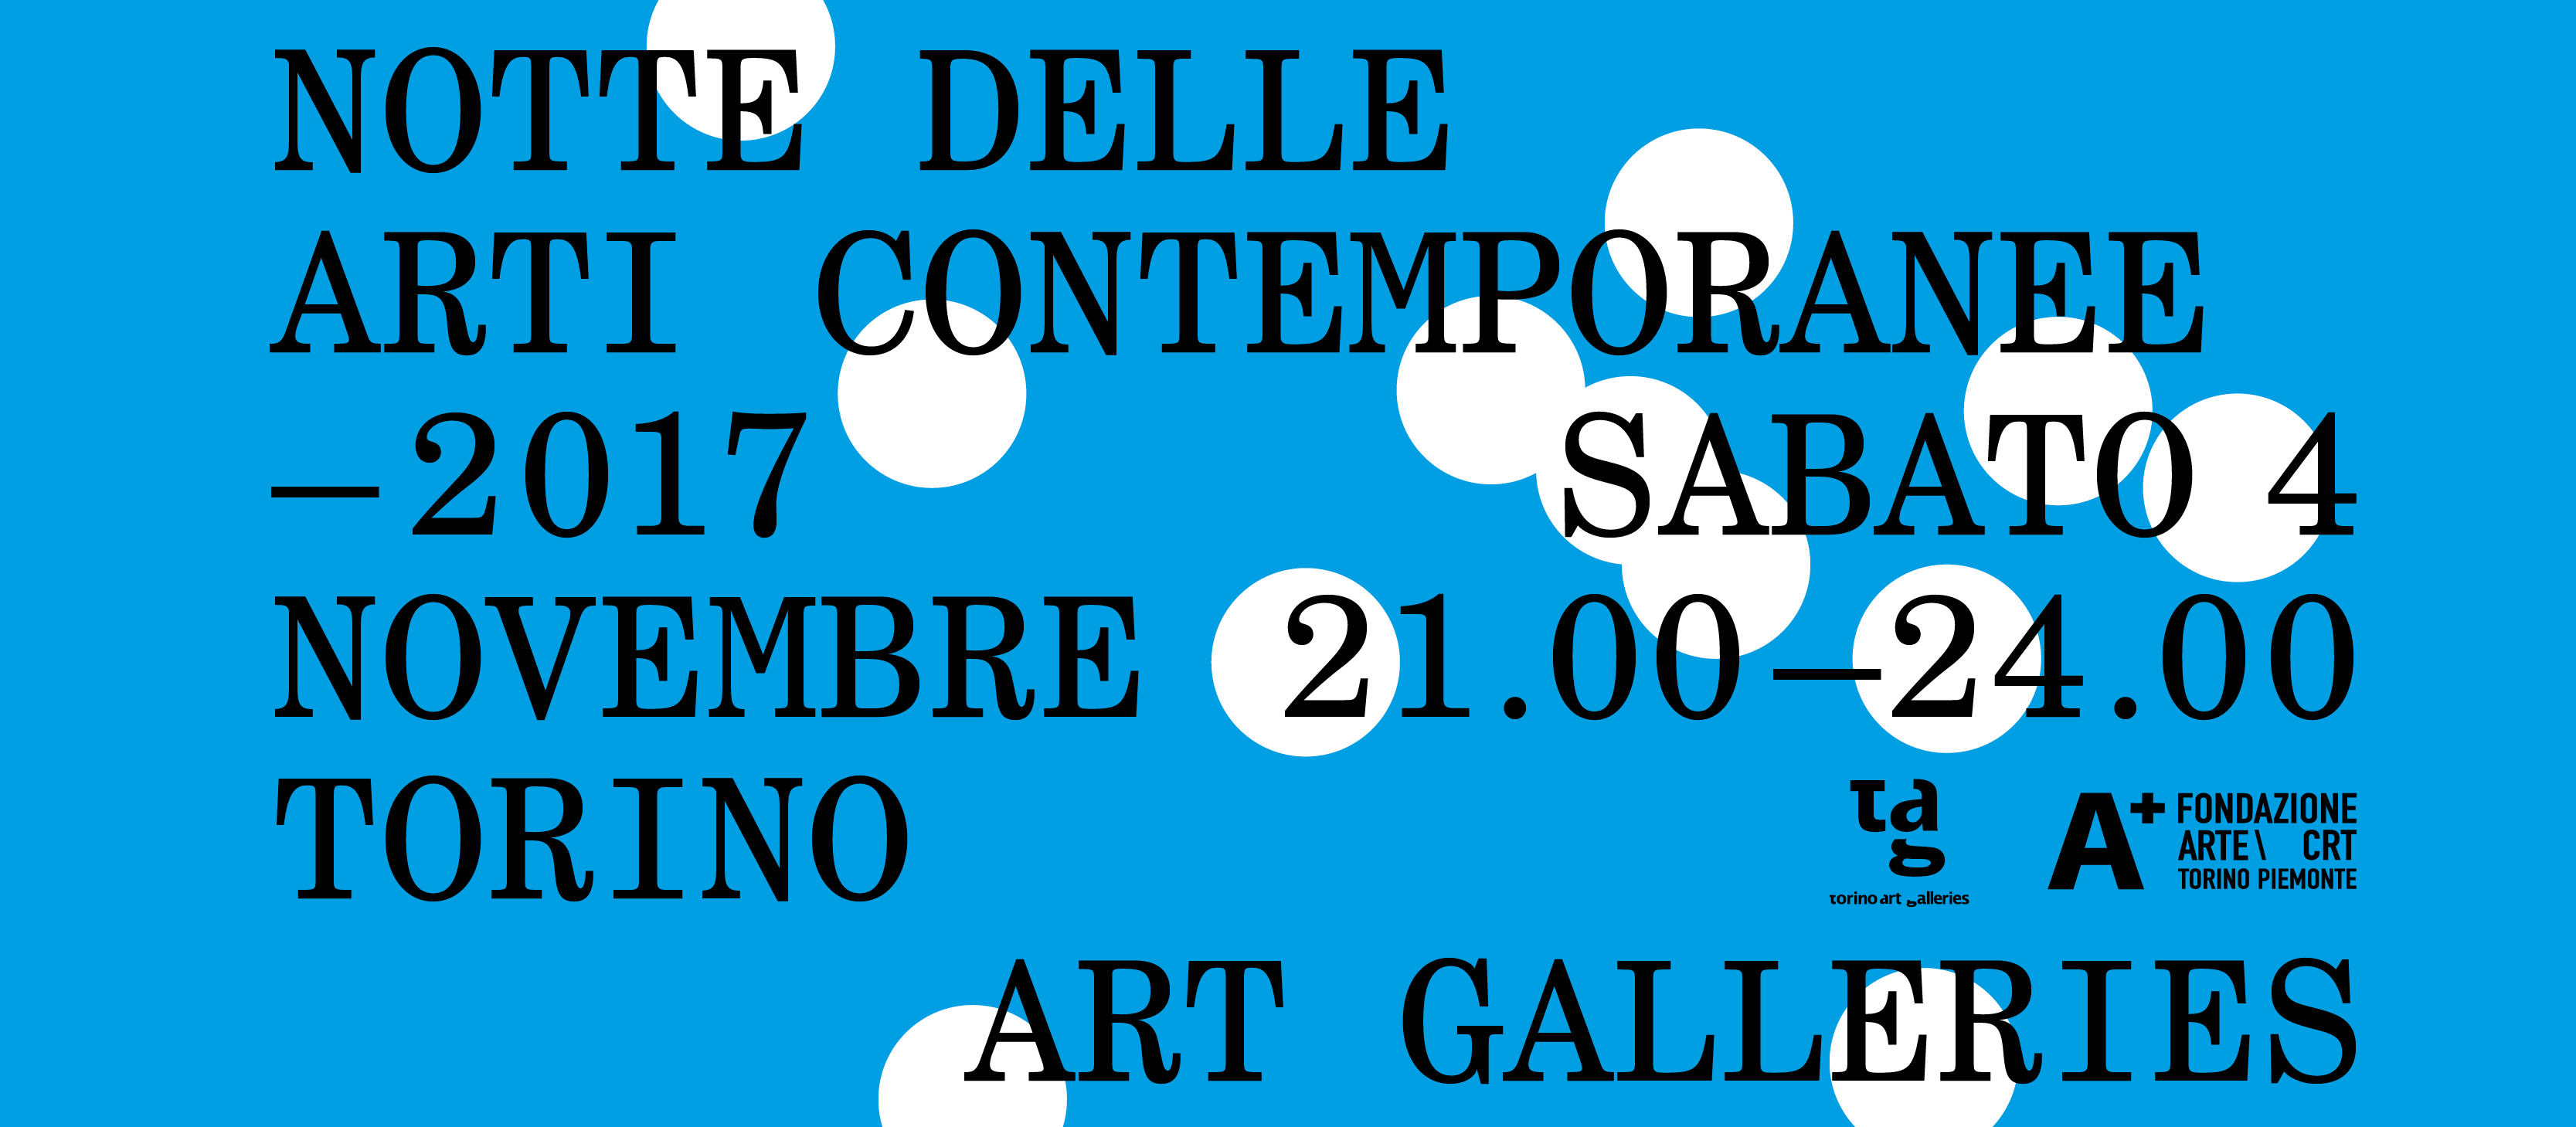 Notte delle Arti Contemporanee 2017